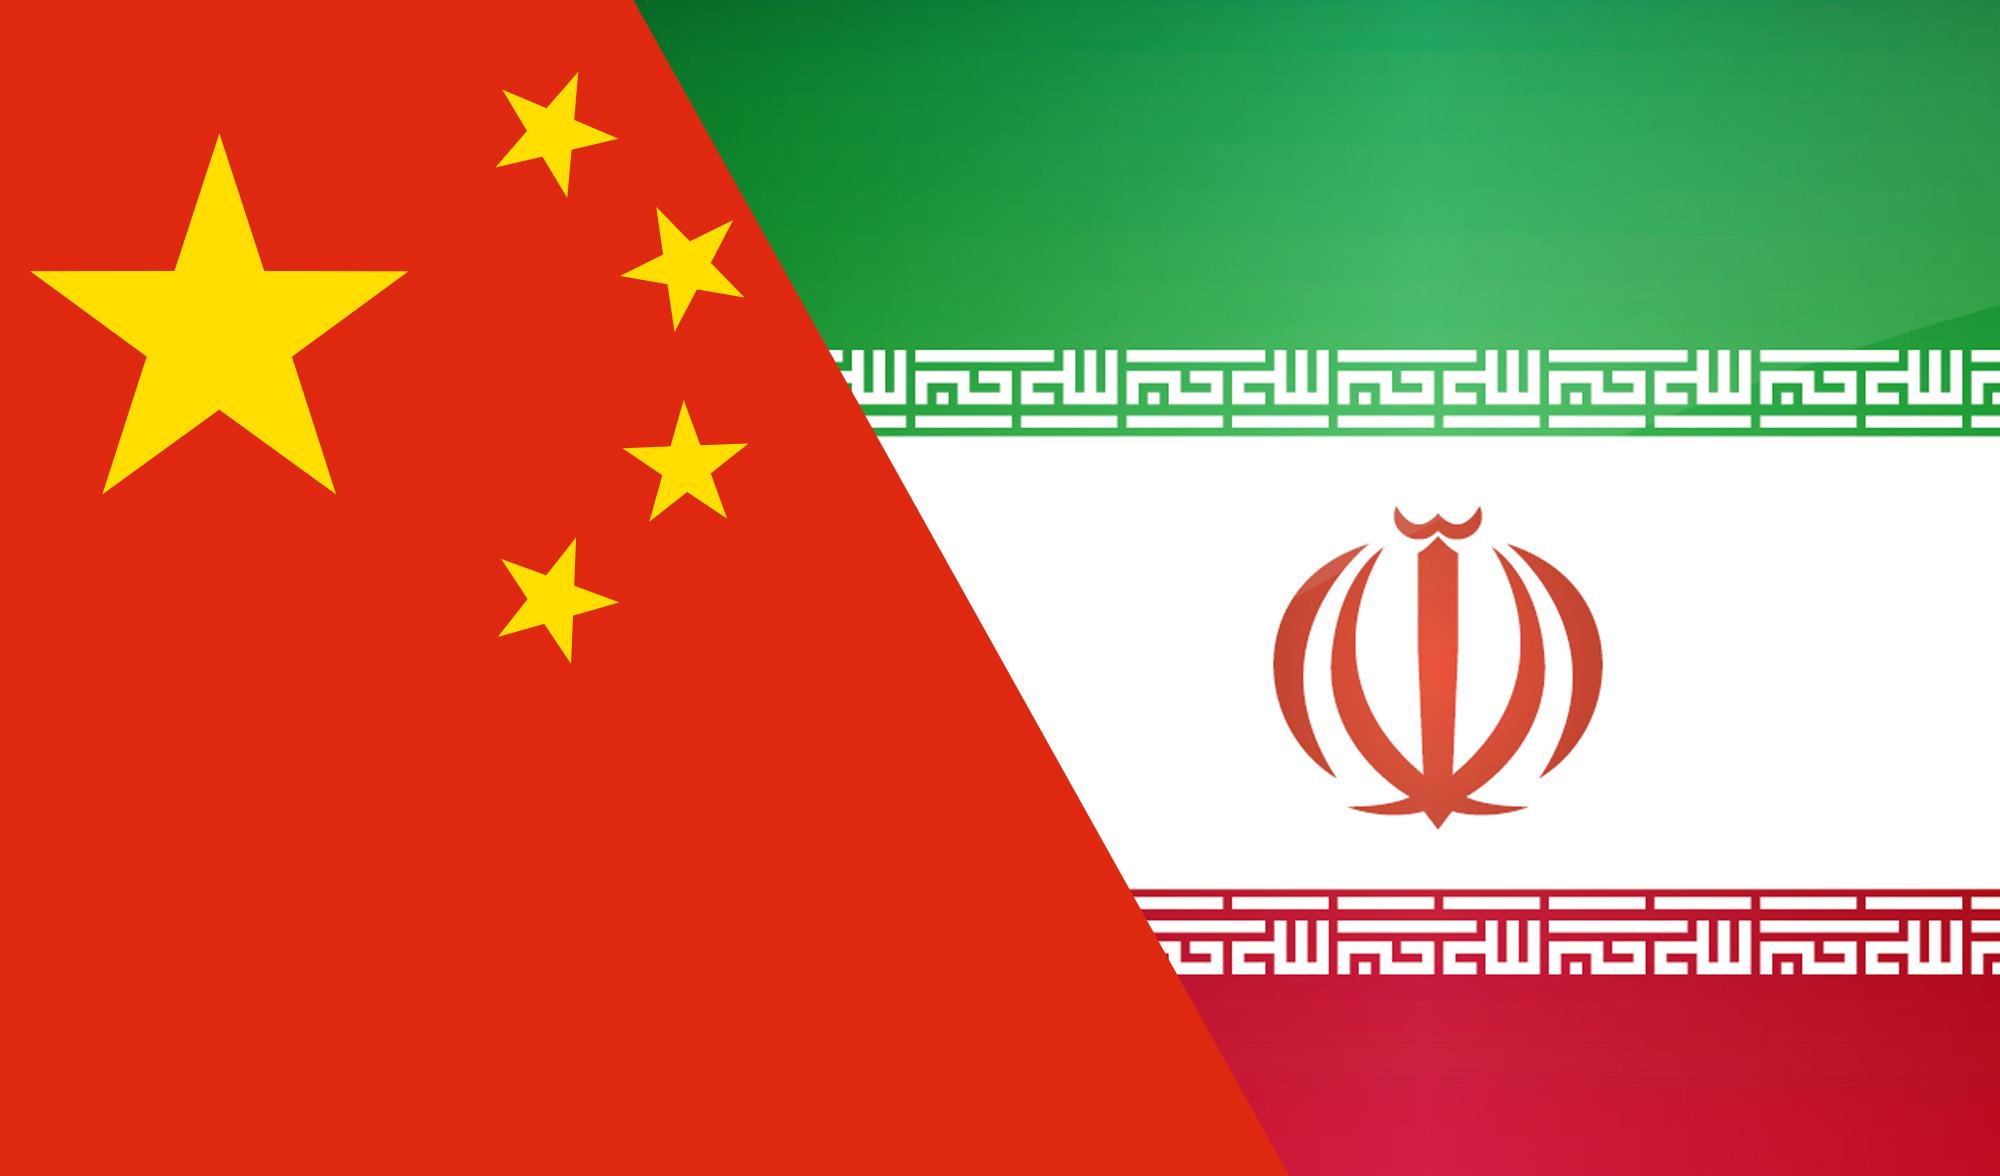 چین: با تحریمهای آمریکا علیه ایران مخالفیم